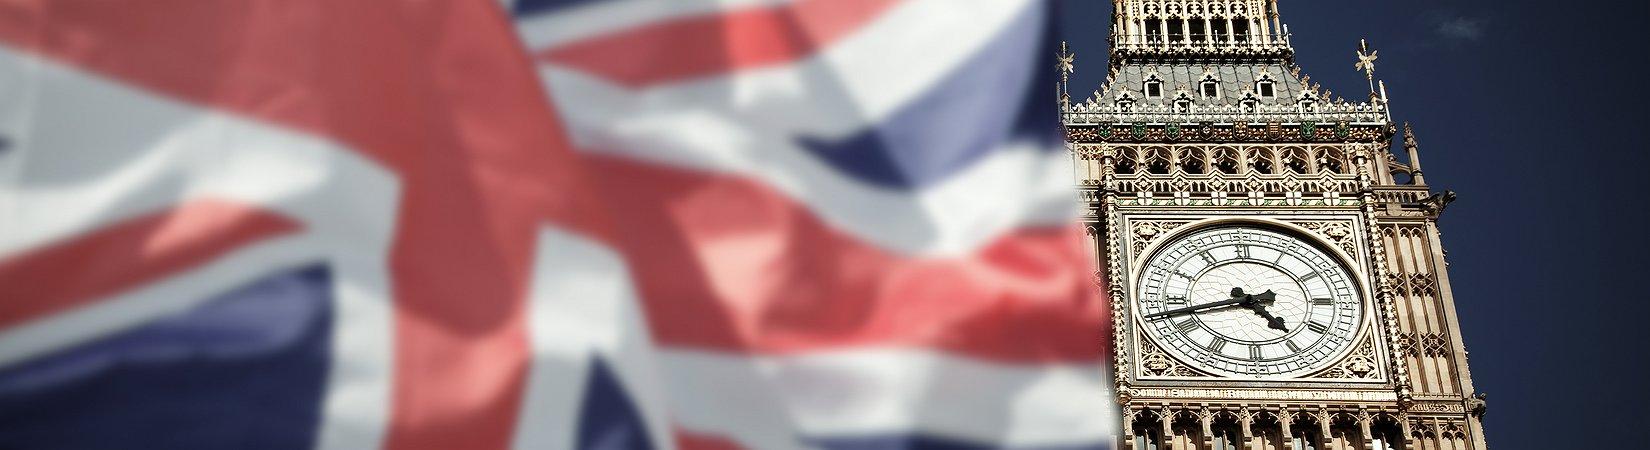 Обзор рынка: Британские индексы выиграли от снижения фунта, облигации дорожают